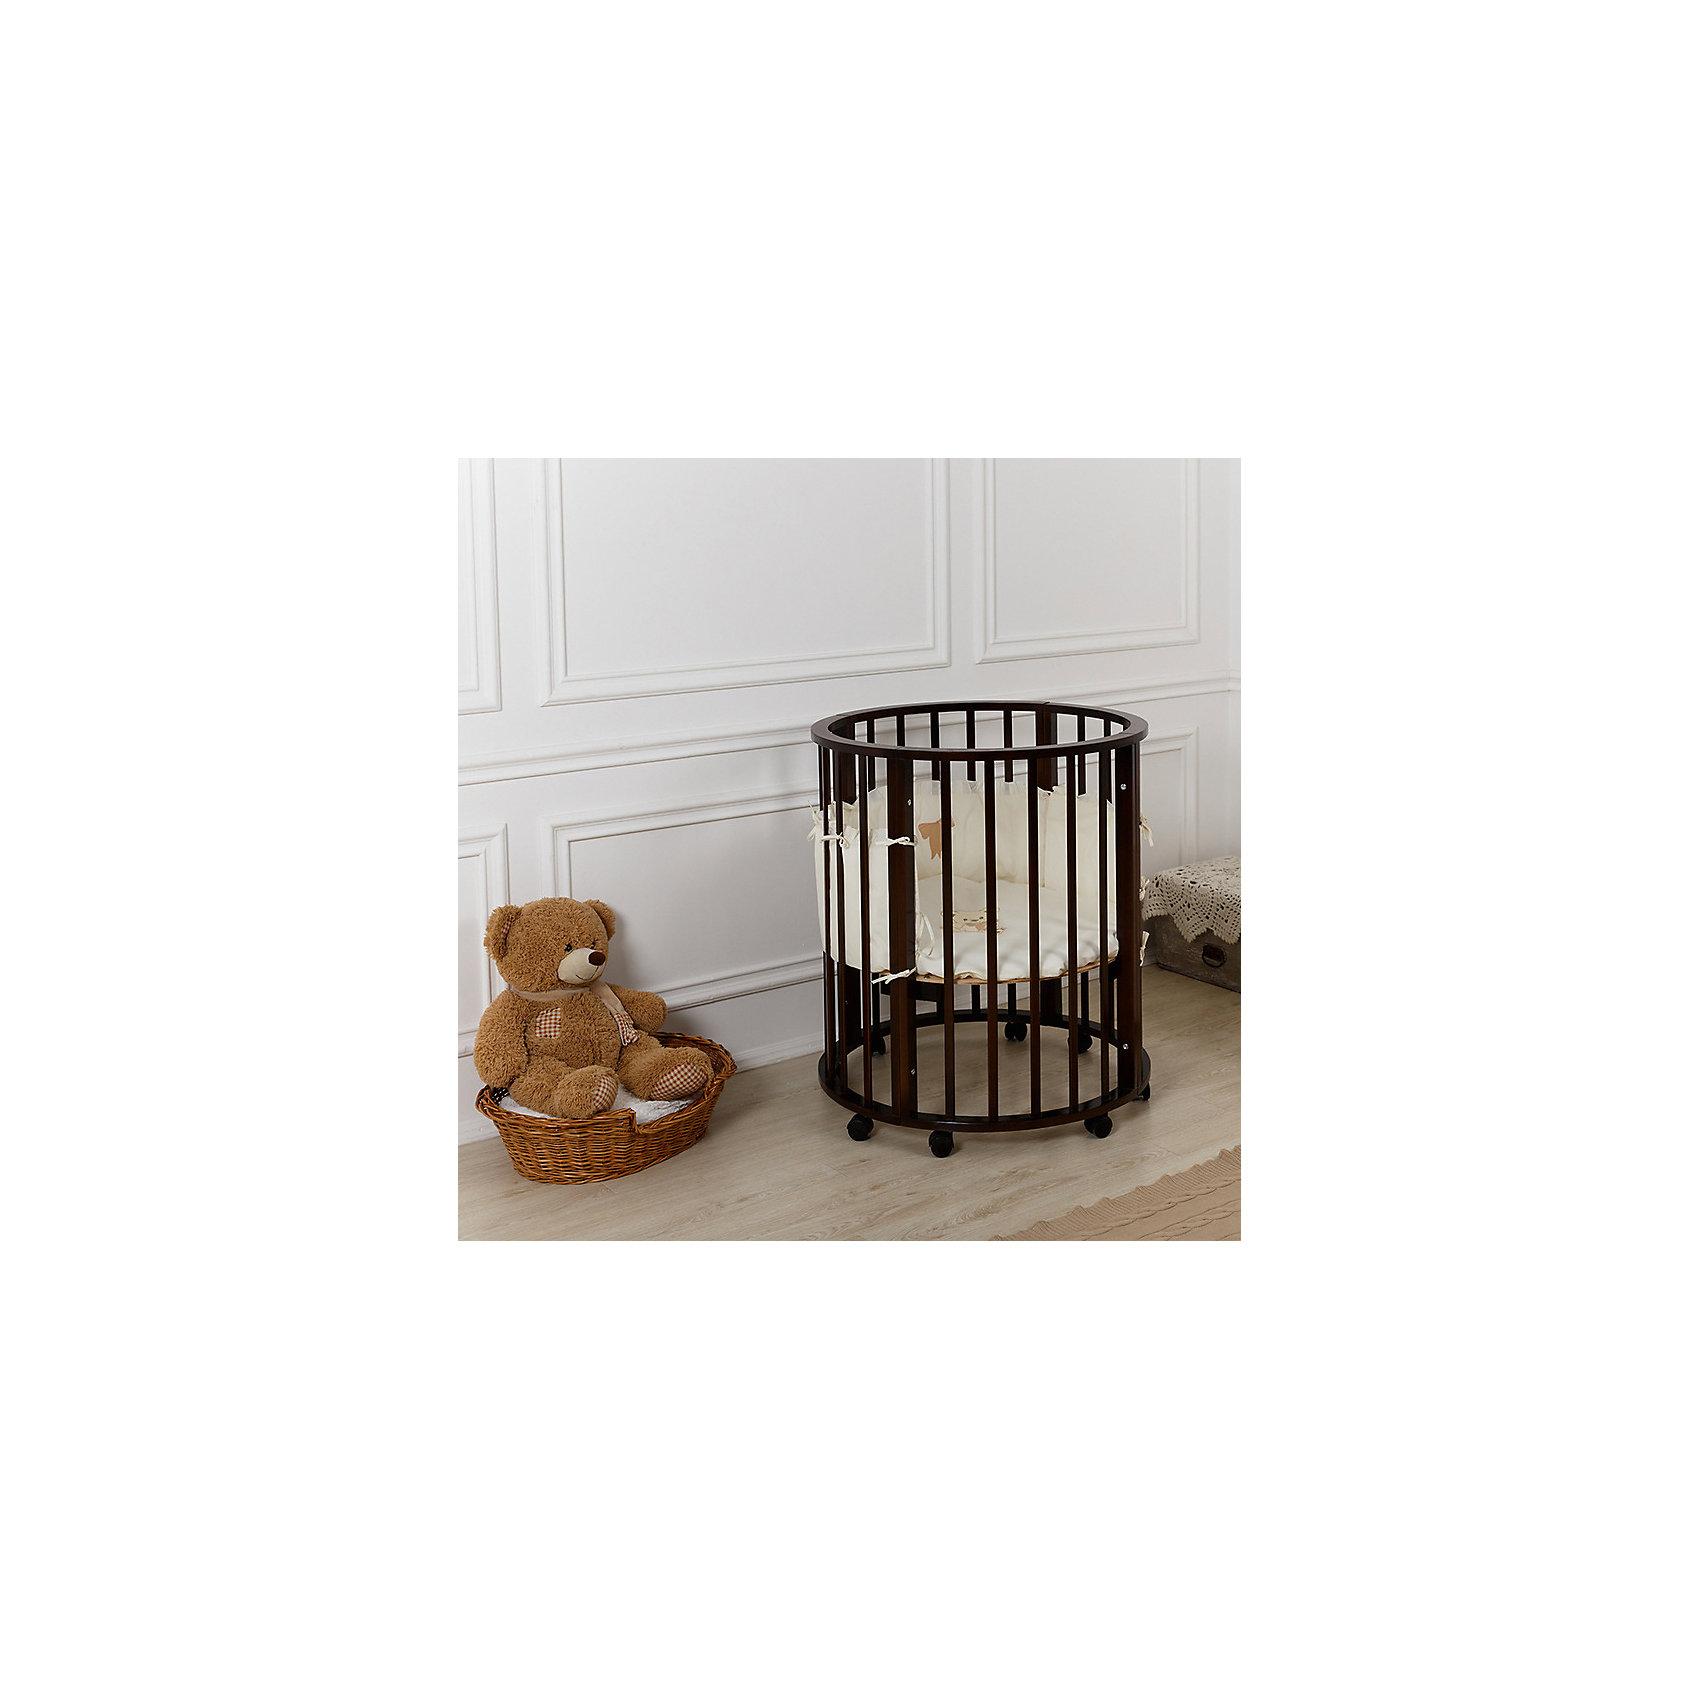 Кроватка 3 в 1 круглая, овальная, манеж, Incanto Gio, венгеКроватка 3 в 1 круглая, овальная, манеж, Incanto Gio, венге – эксклюзивный дизайн и идеальная экономия пространства.<br>Данная модель кроватки подойдет как новорожденному, так и ребенку до 5 лет. Легко и быстро переделывается из колыбели в кровать для малышей, а потом и для подрастающих детишек. Экологический и прочный материал – натуральное дерево – не вредит коже ребенка. Округлая форма колыбели напоминает малышу мамин животик. Кроватку можно использовать как манеж для игр.<br><br>Дополнительная информация:<br><br>- размер: колыбель – 75х75, кроватка для малышей – 125х75, подростковая кровать – 181х81х86<br>- вес: 31 кг<br><br>Кроватку 3 в 1 круглая, овальная, манеж, Incanto Gio, венге можно купить в нашем интернет магазине.<br><br>Ширина мм: 530<br>Глубина мм: 620<br>Высота мм: 580<br>Вес г: 30000<br>Возраст от месяцев: 0<br>Возраст до месяцев: 36<br>Пол: Унисекс<br>Возраст: Детский<br>SKU: 4983597